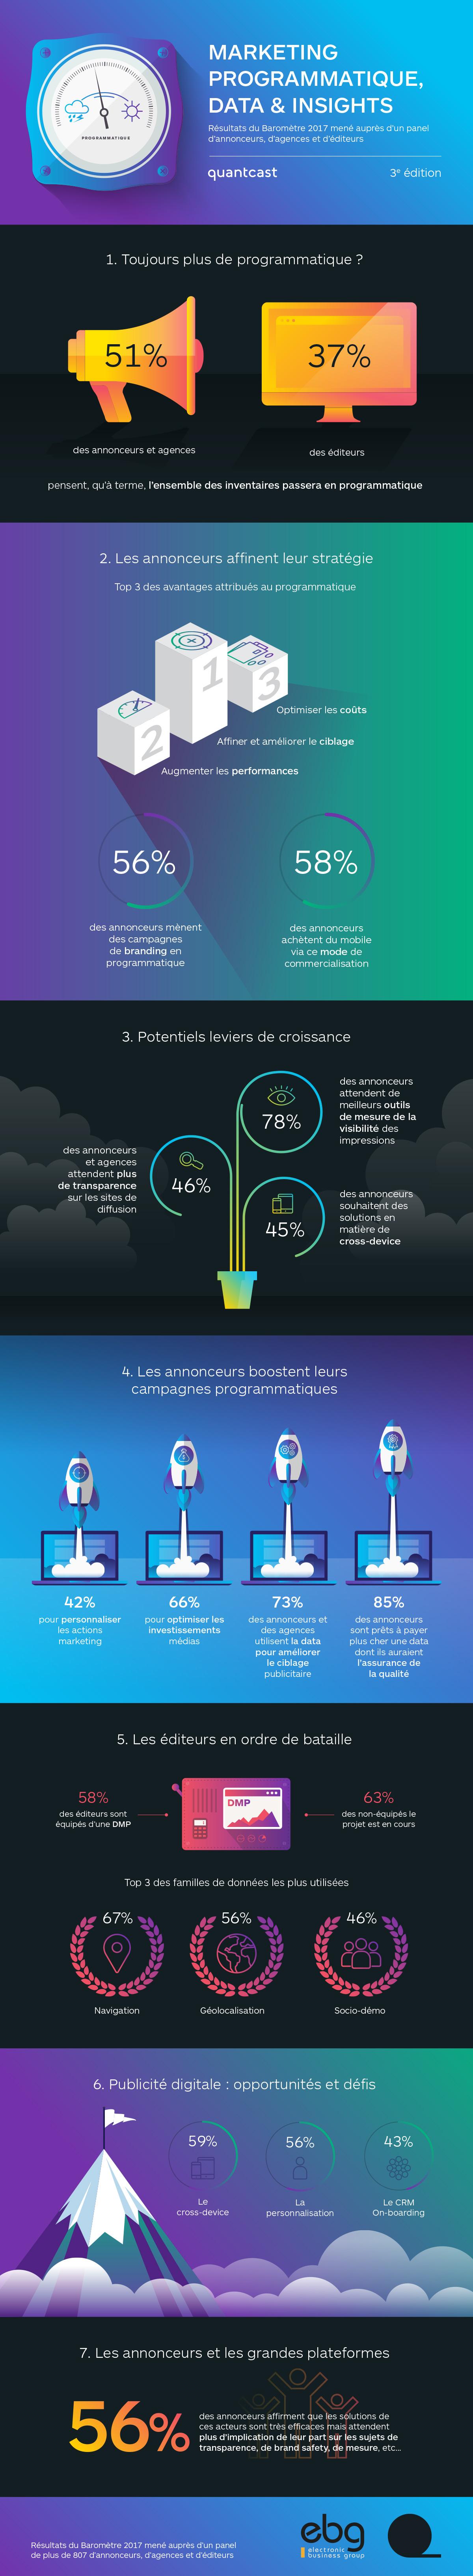 Infographie Quantcast-EBG